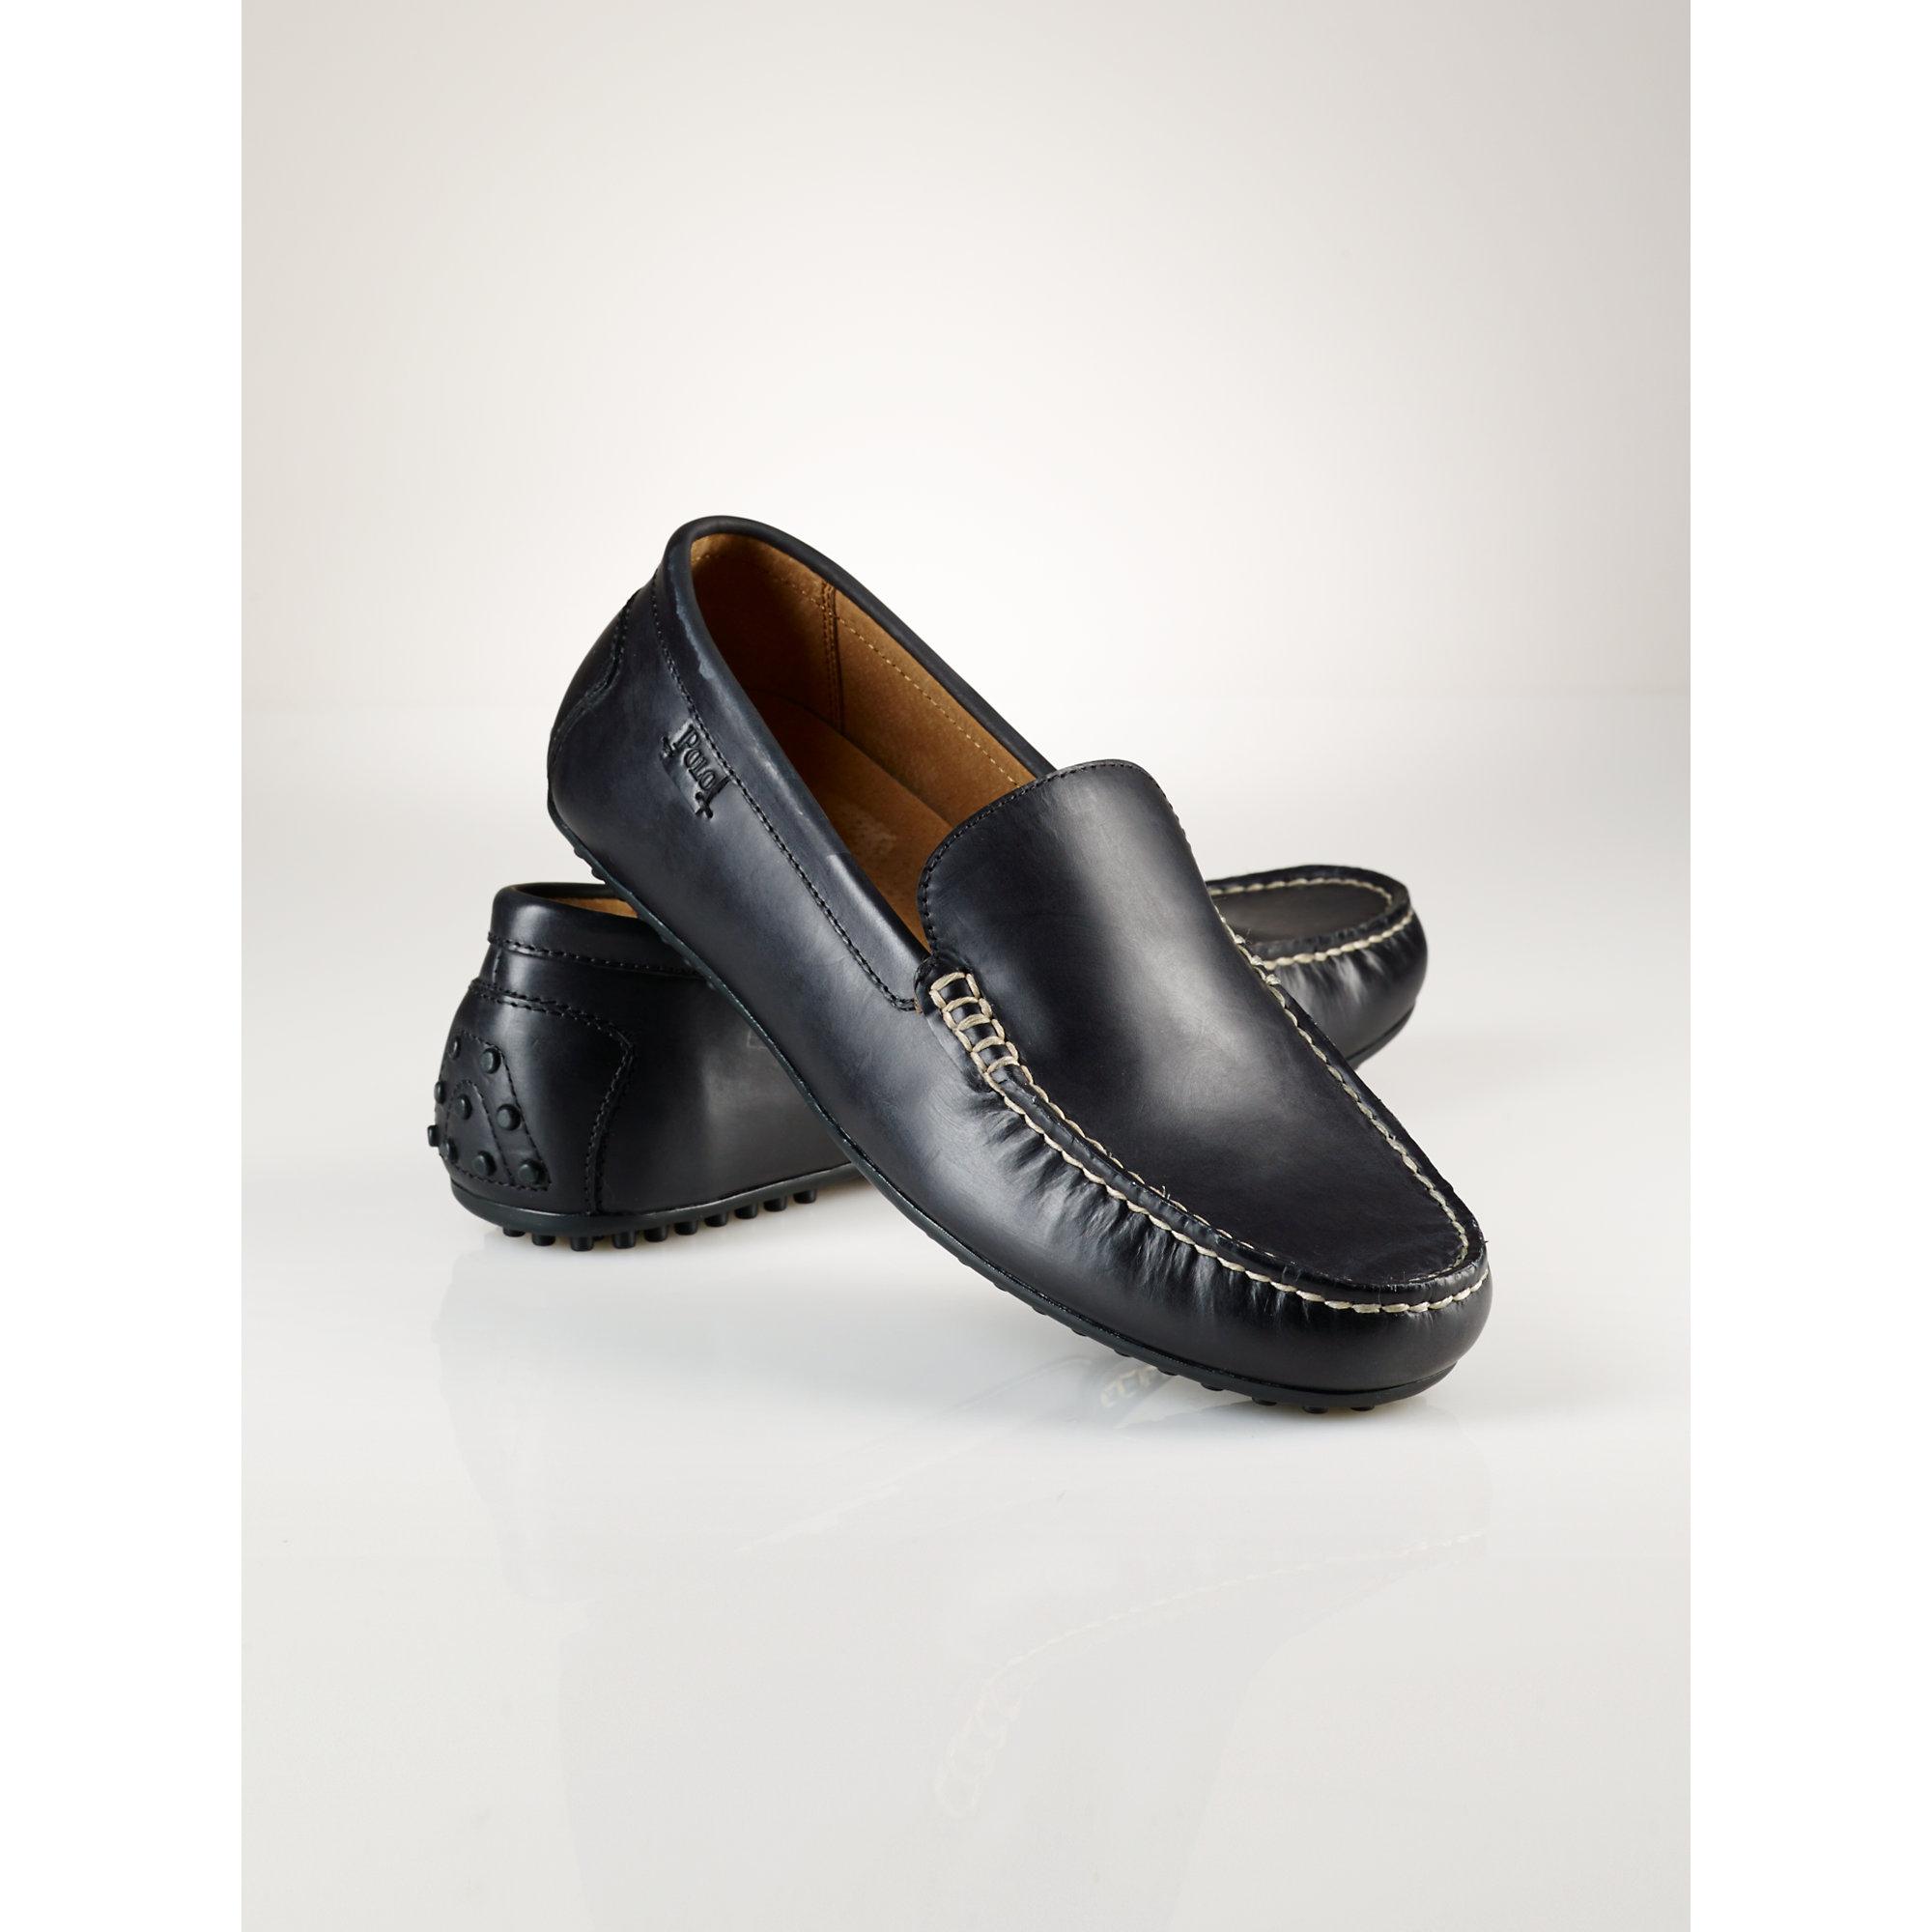 6181590ea65d6 Polo Ralph Lauren Woodley Slip-On Shoe in Black for Men - Lyst